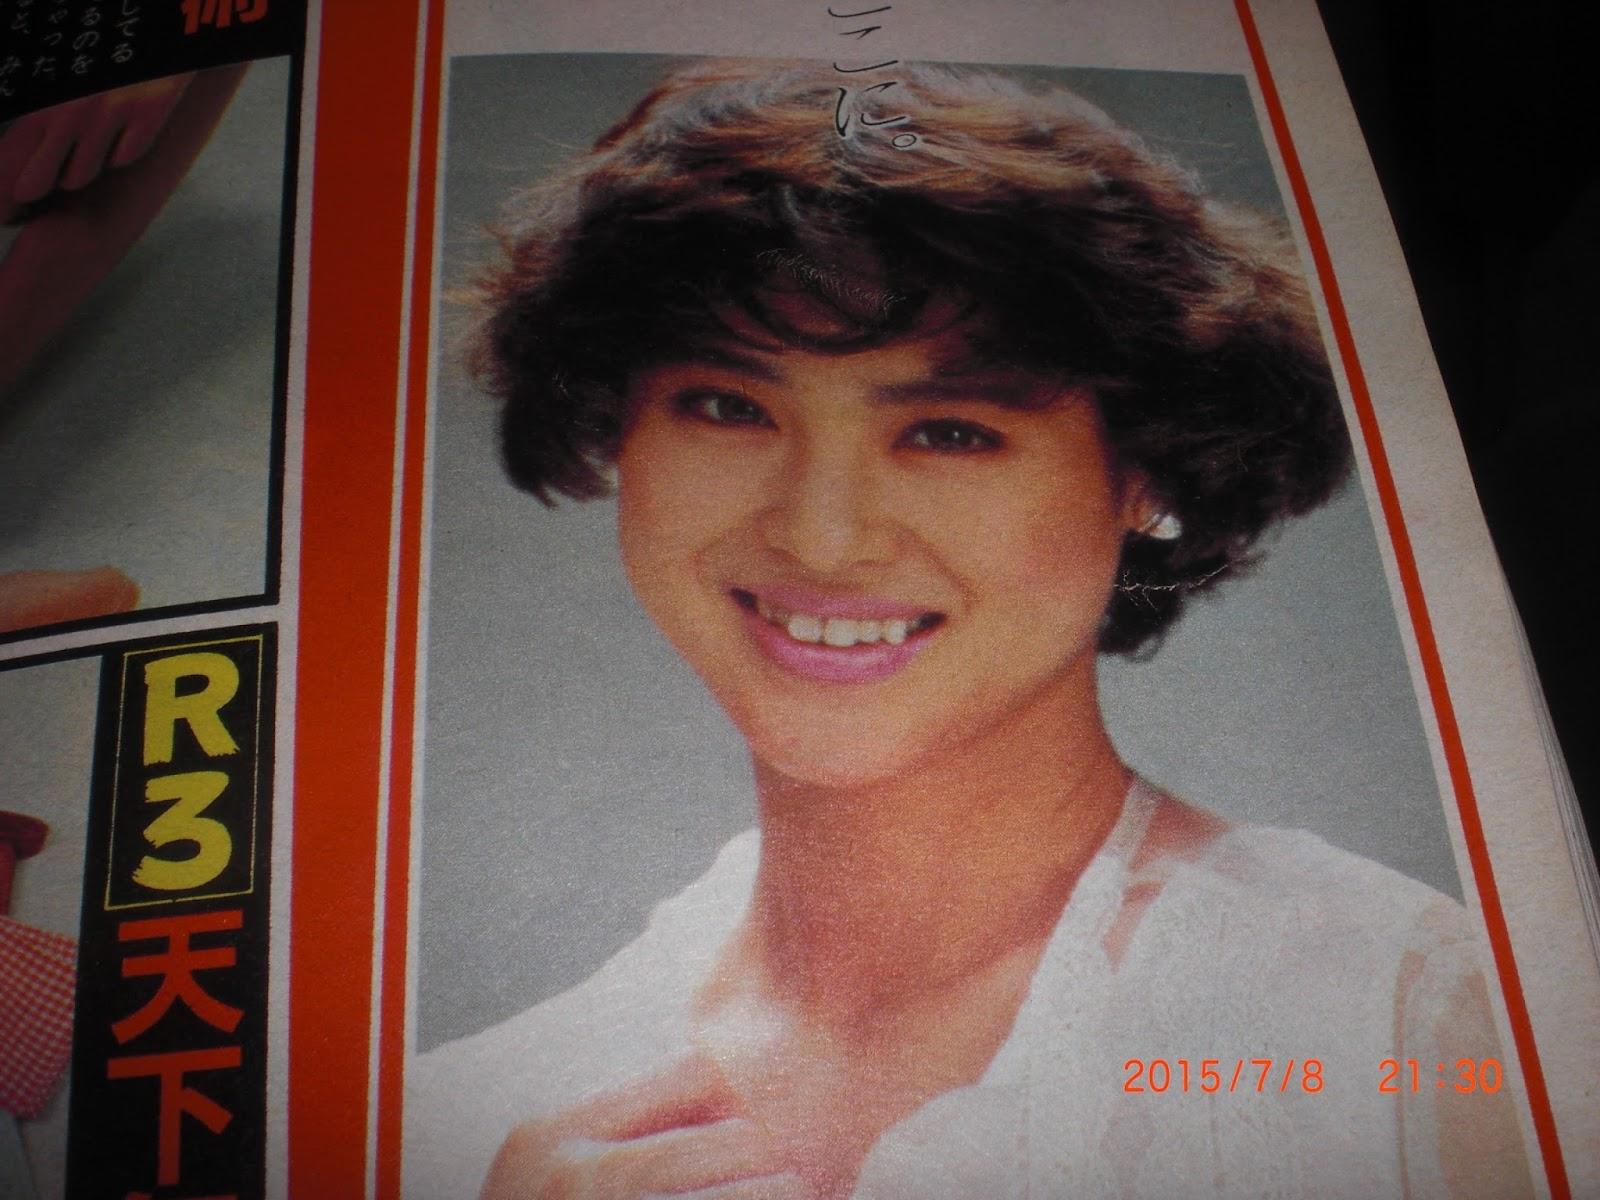 nishimura rika 13-14才